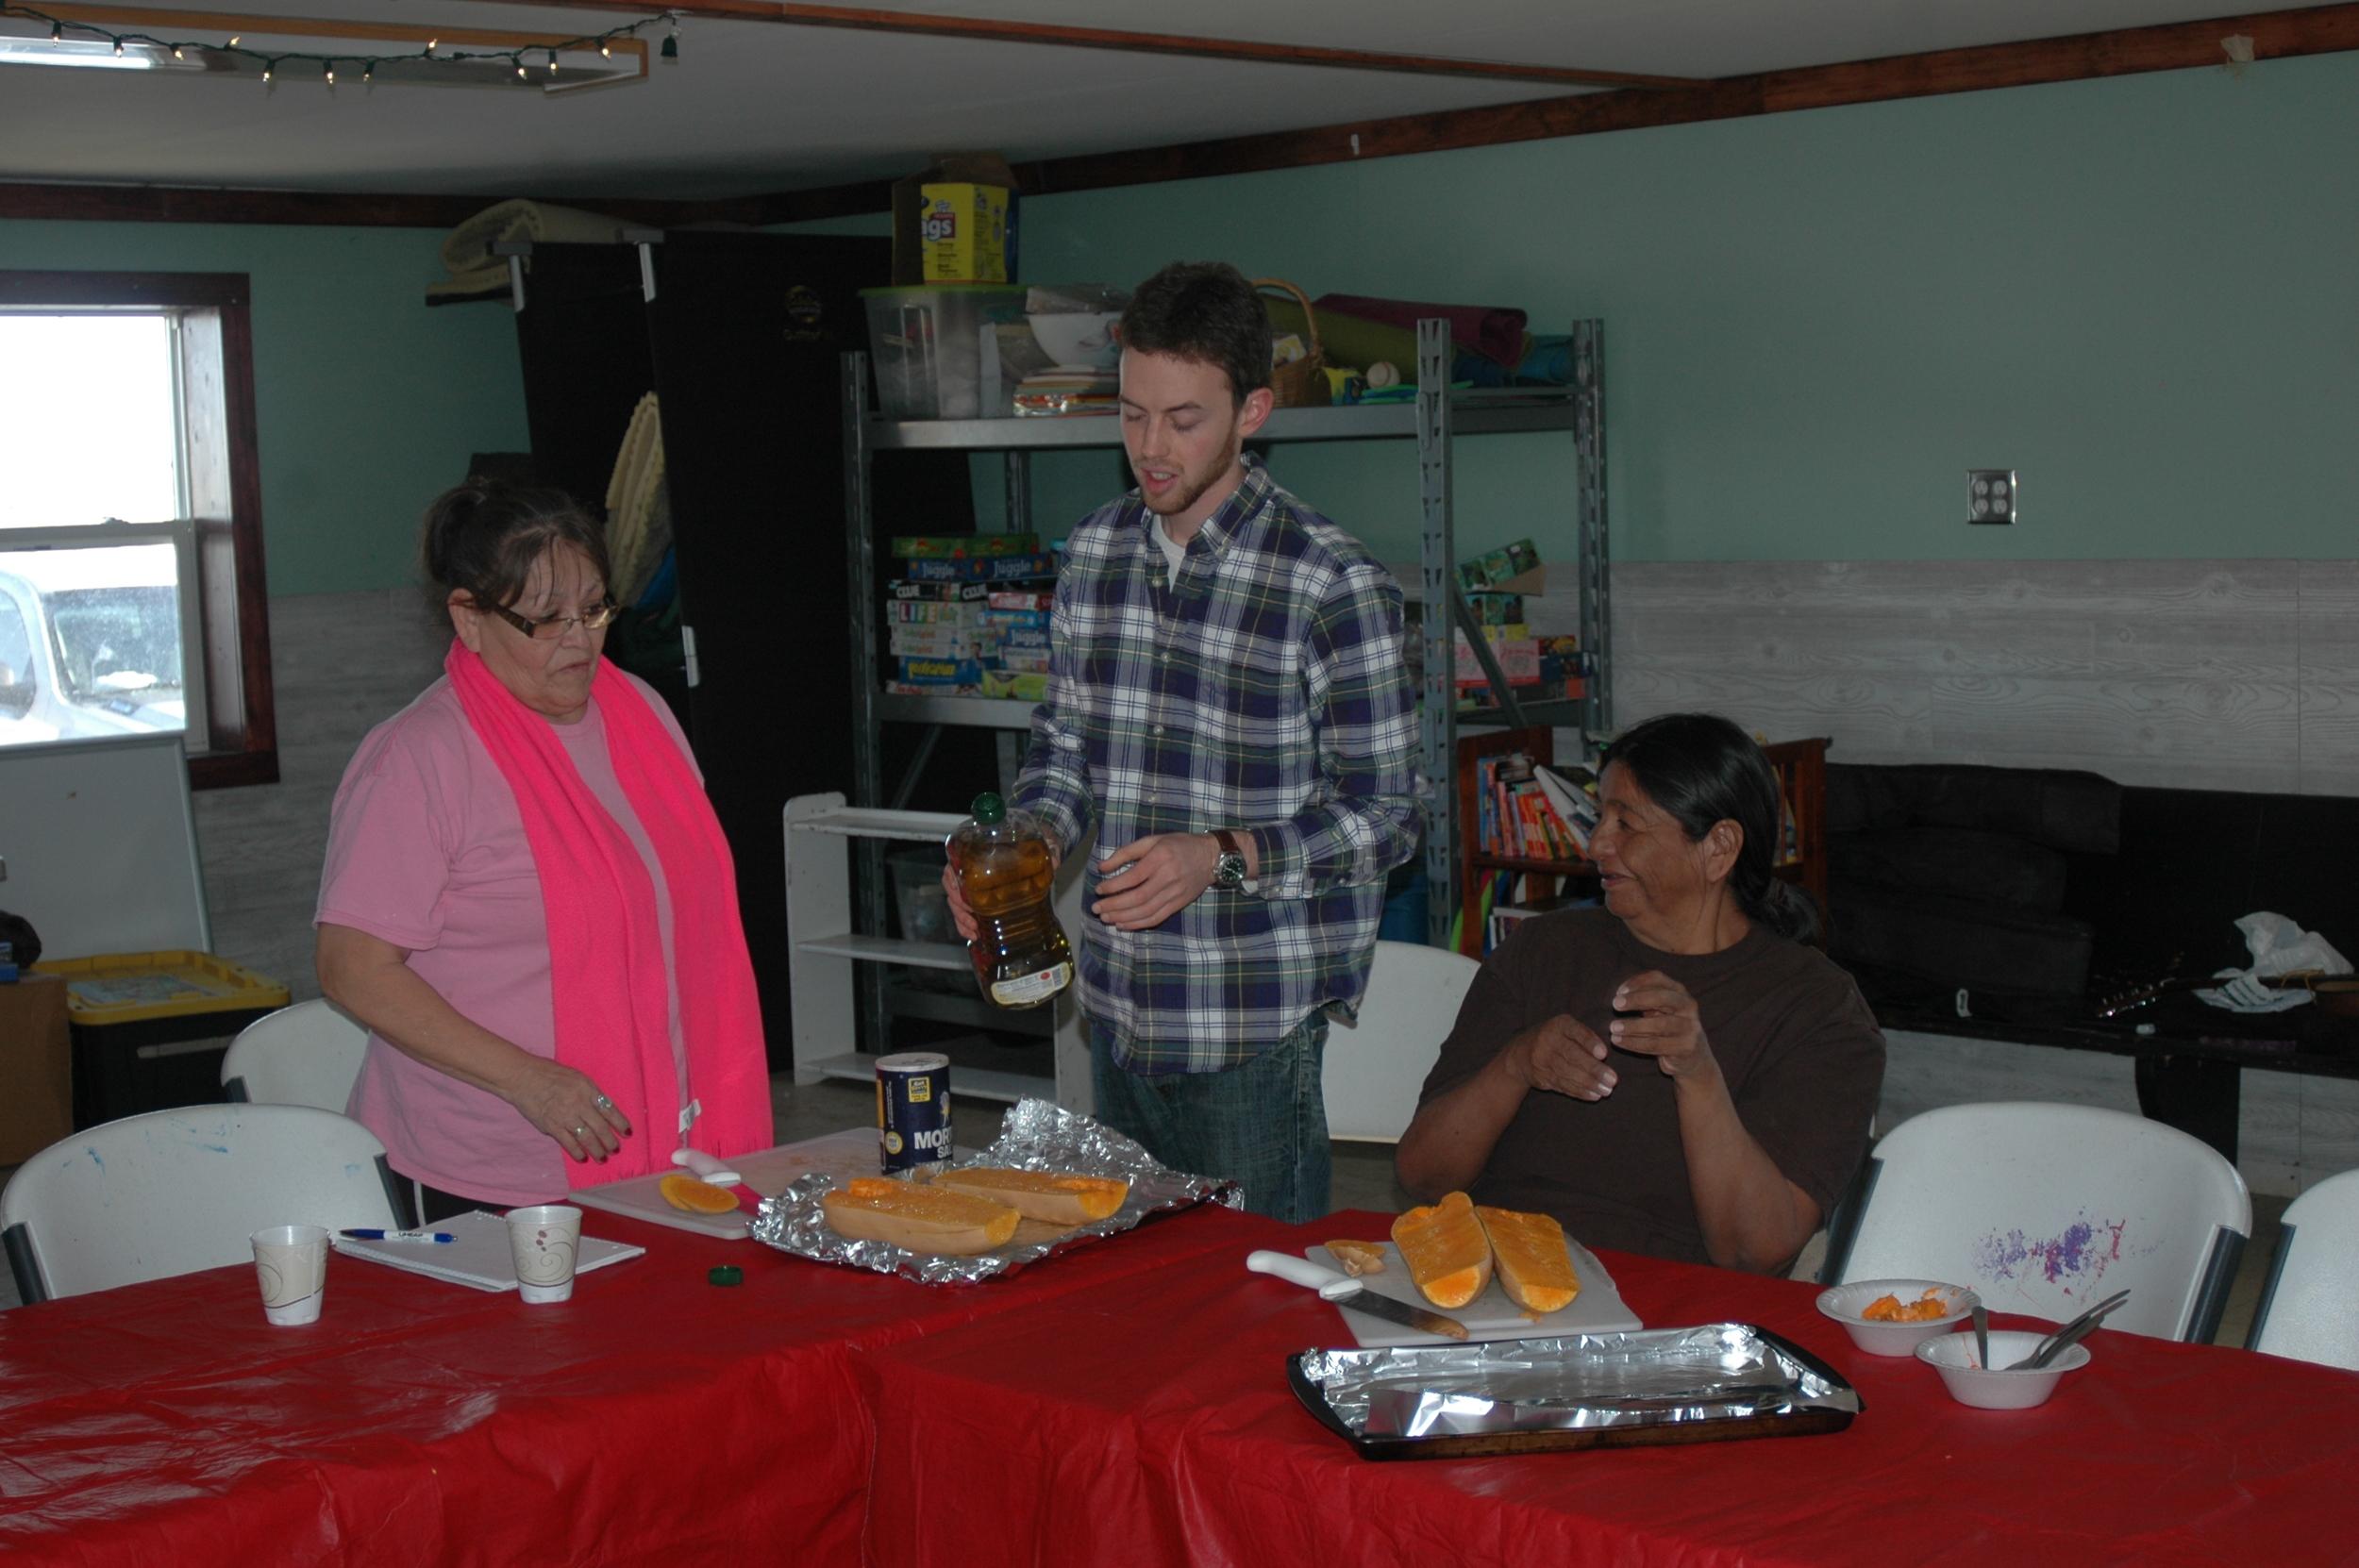 Weekly cooking classes using seasonal ingredients